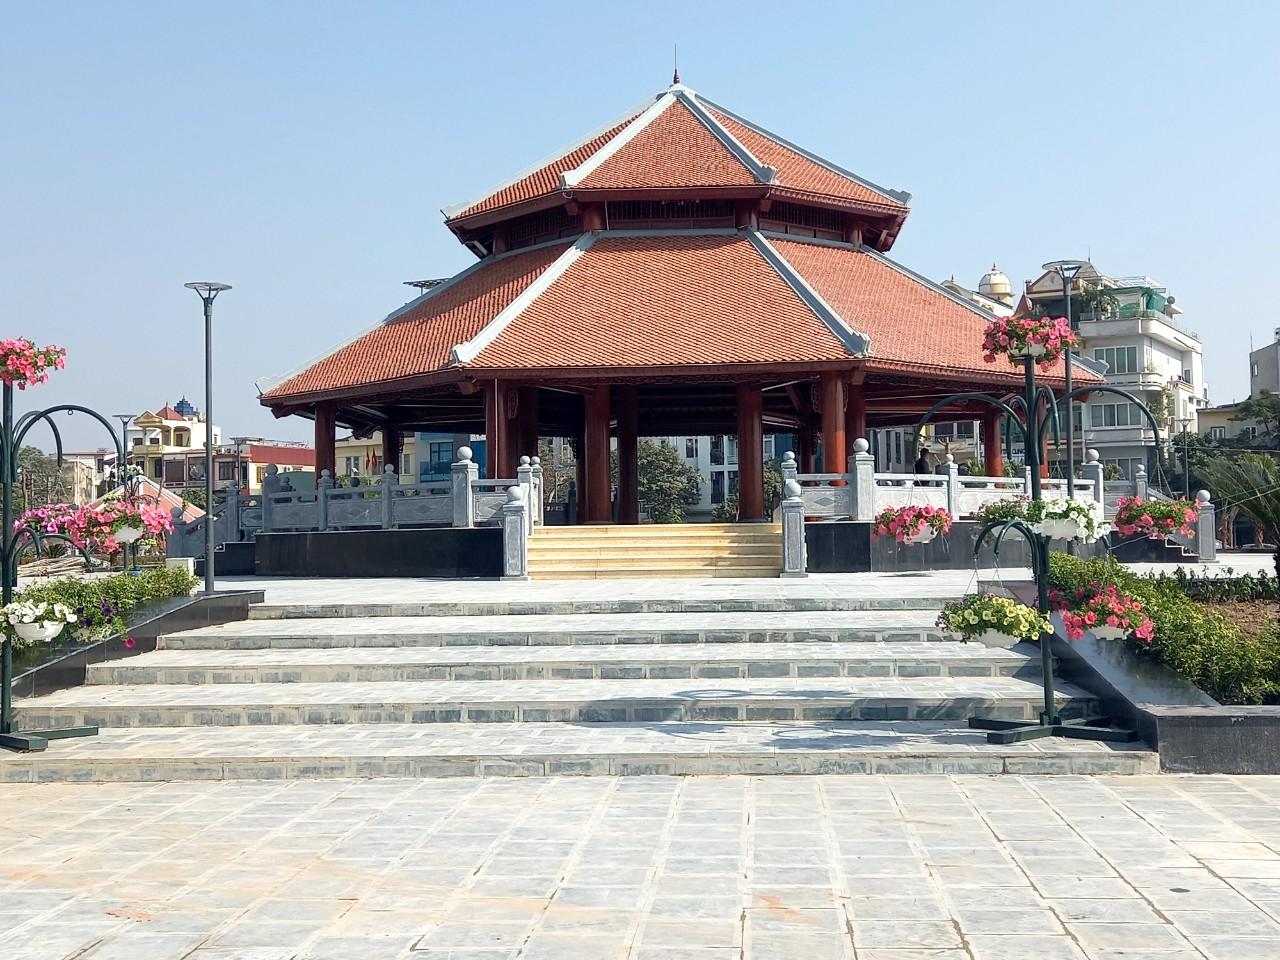 Công viên Máy Tơ quận Ngô Quyền vừa được xây dựng tạo động lực sống cho người dân nơi đây